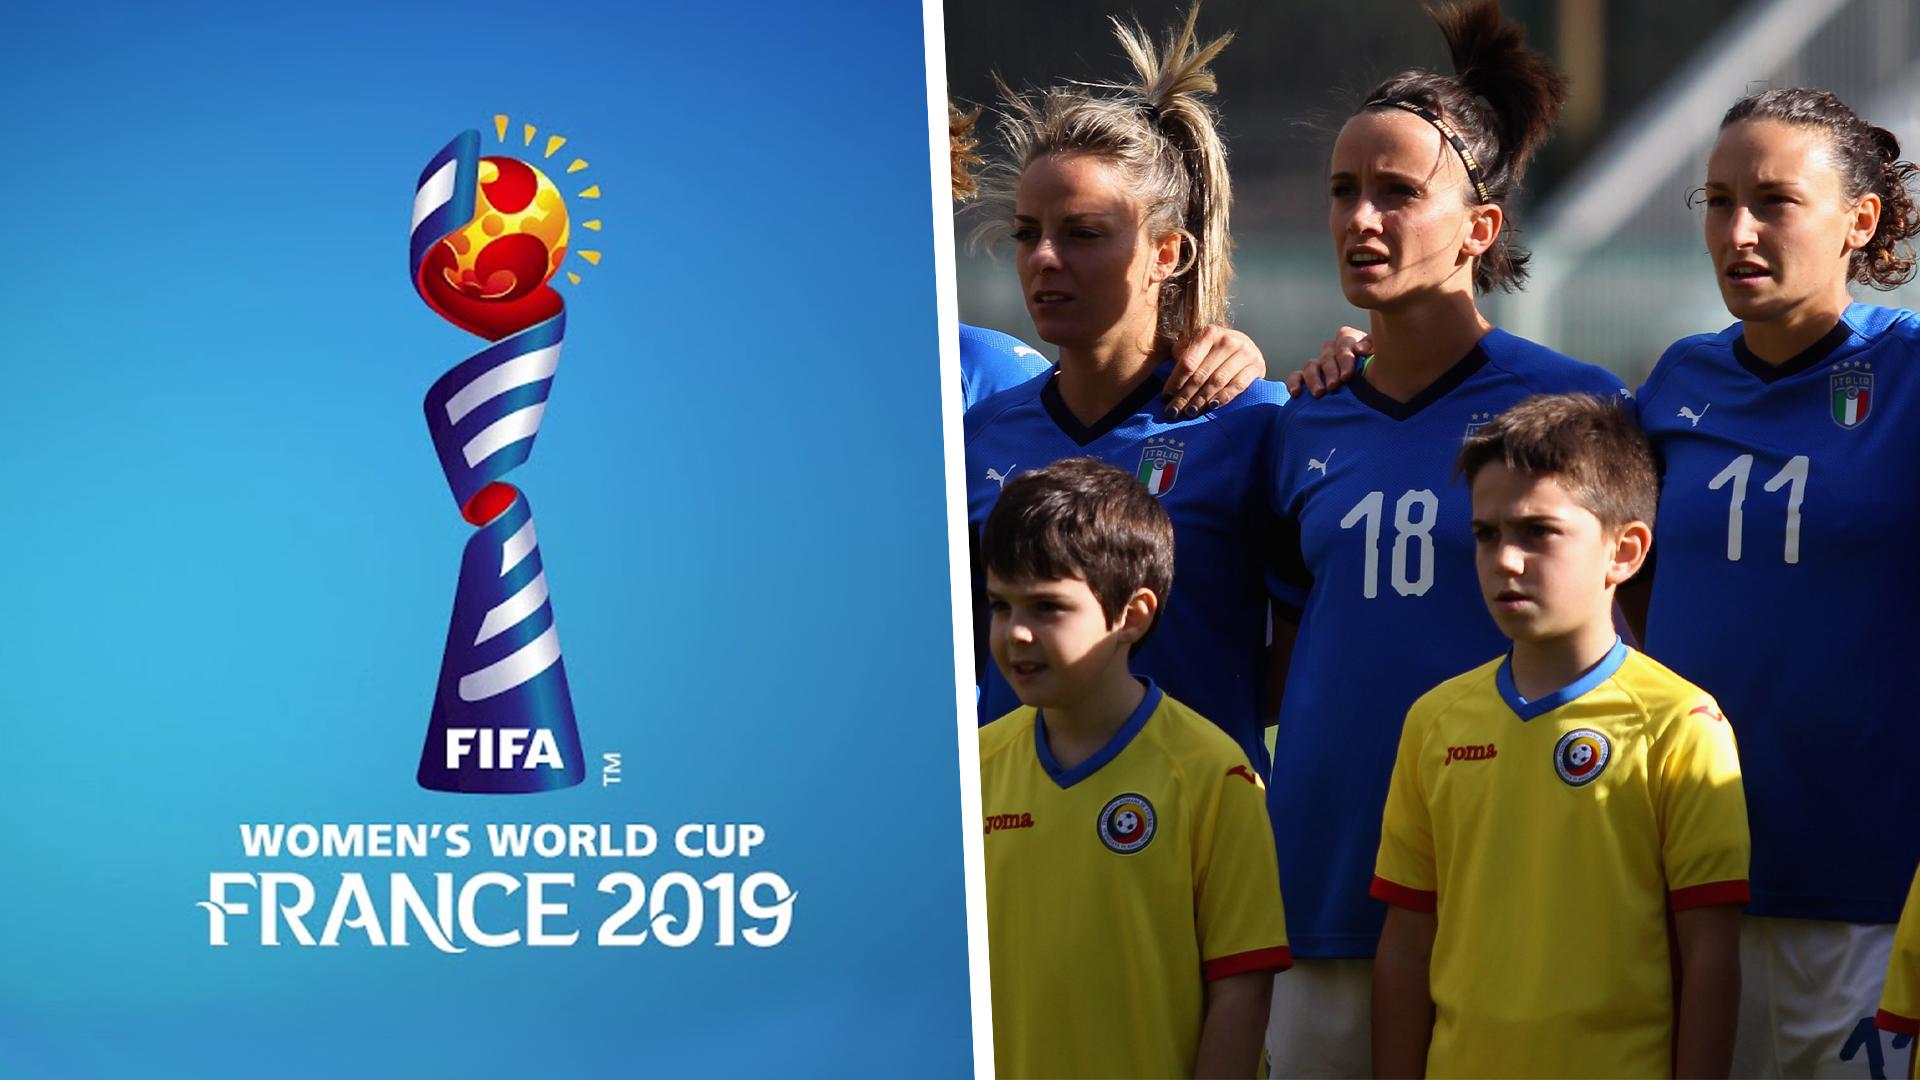 Calendario Calcio Spagnolo.Mondiali Calcio Femminile 2019 Tabellone Calendario